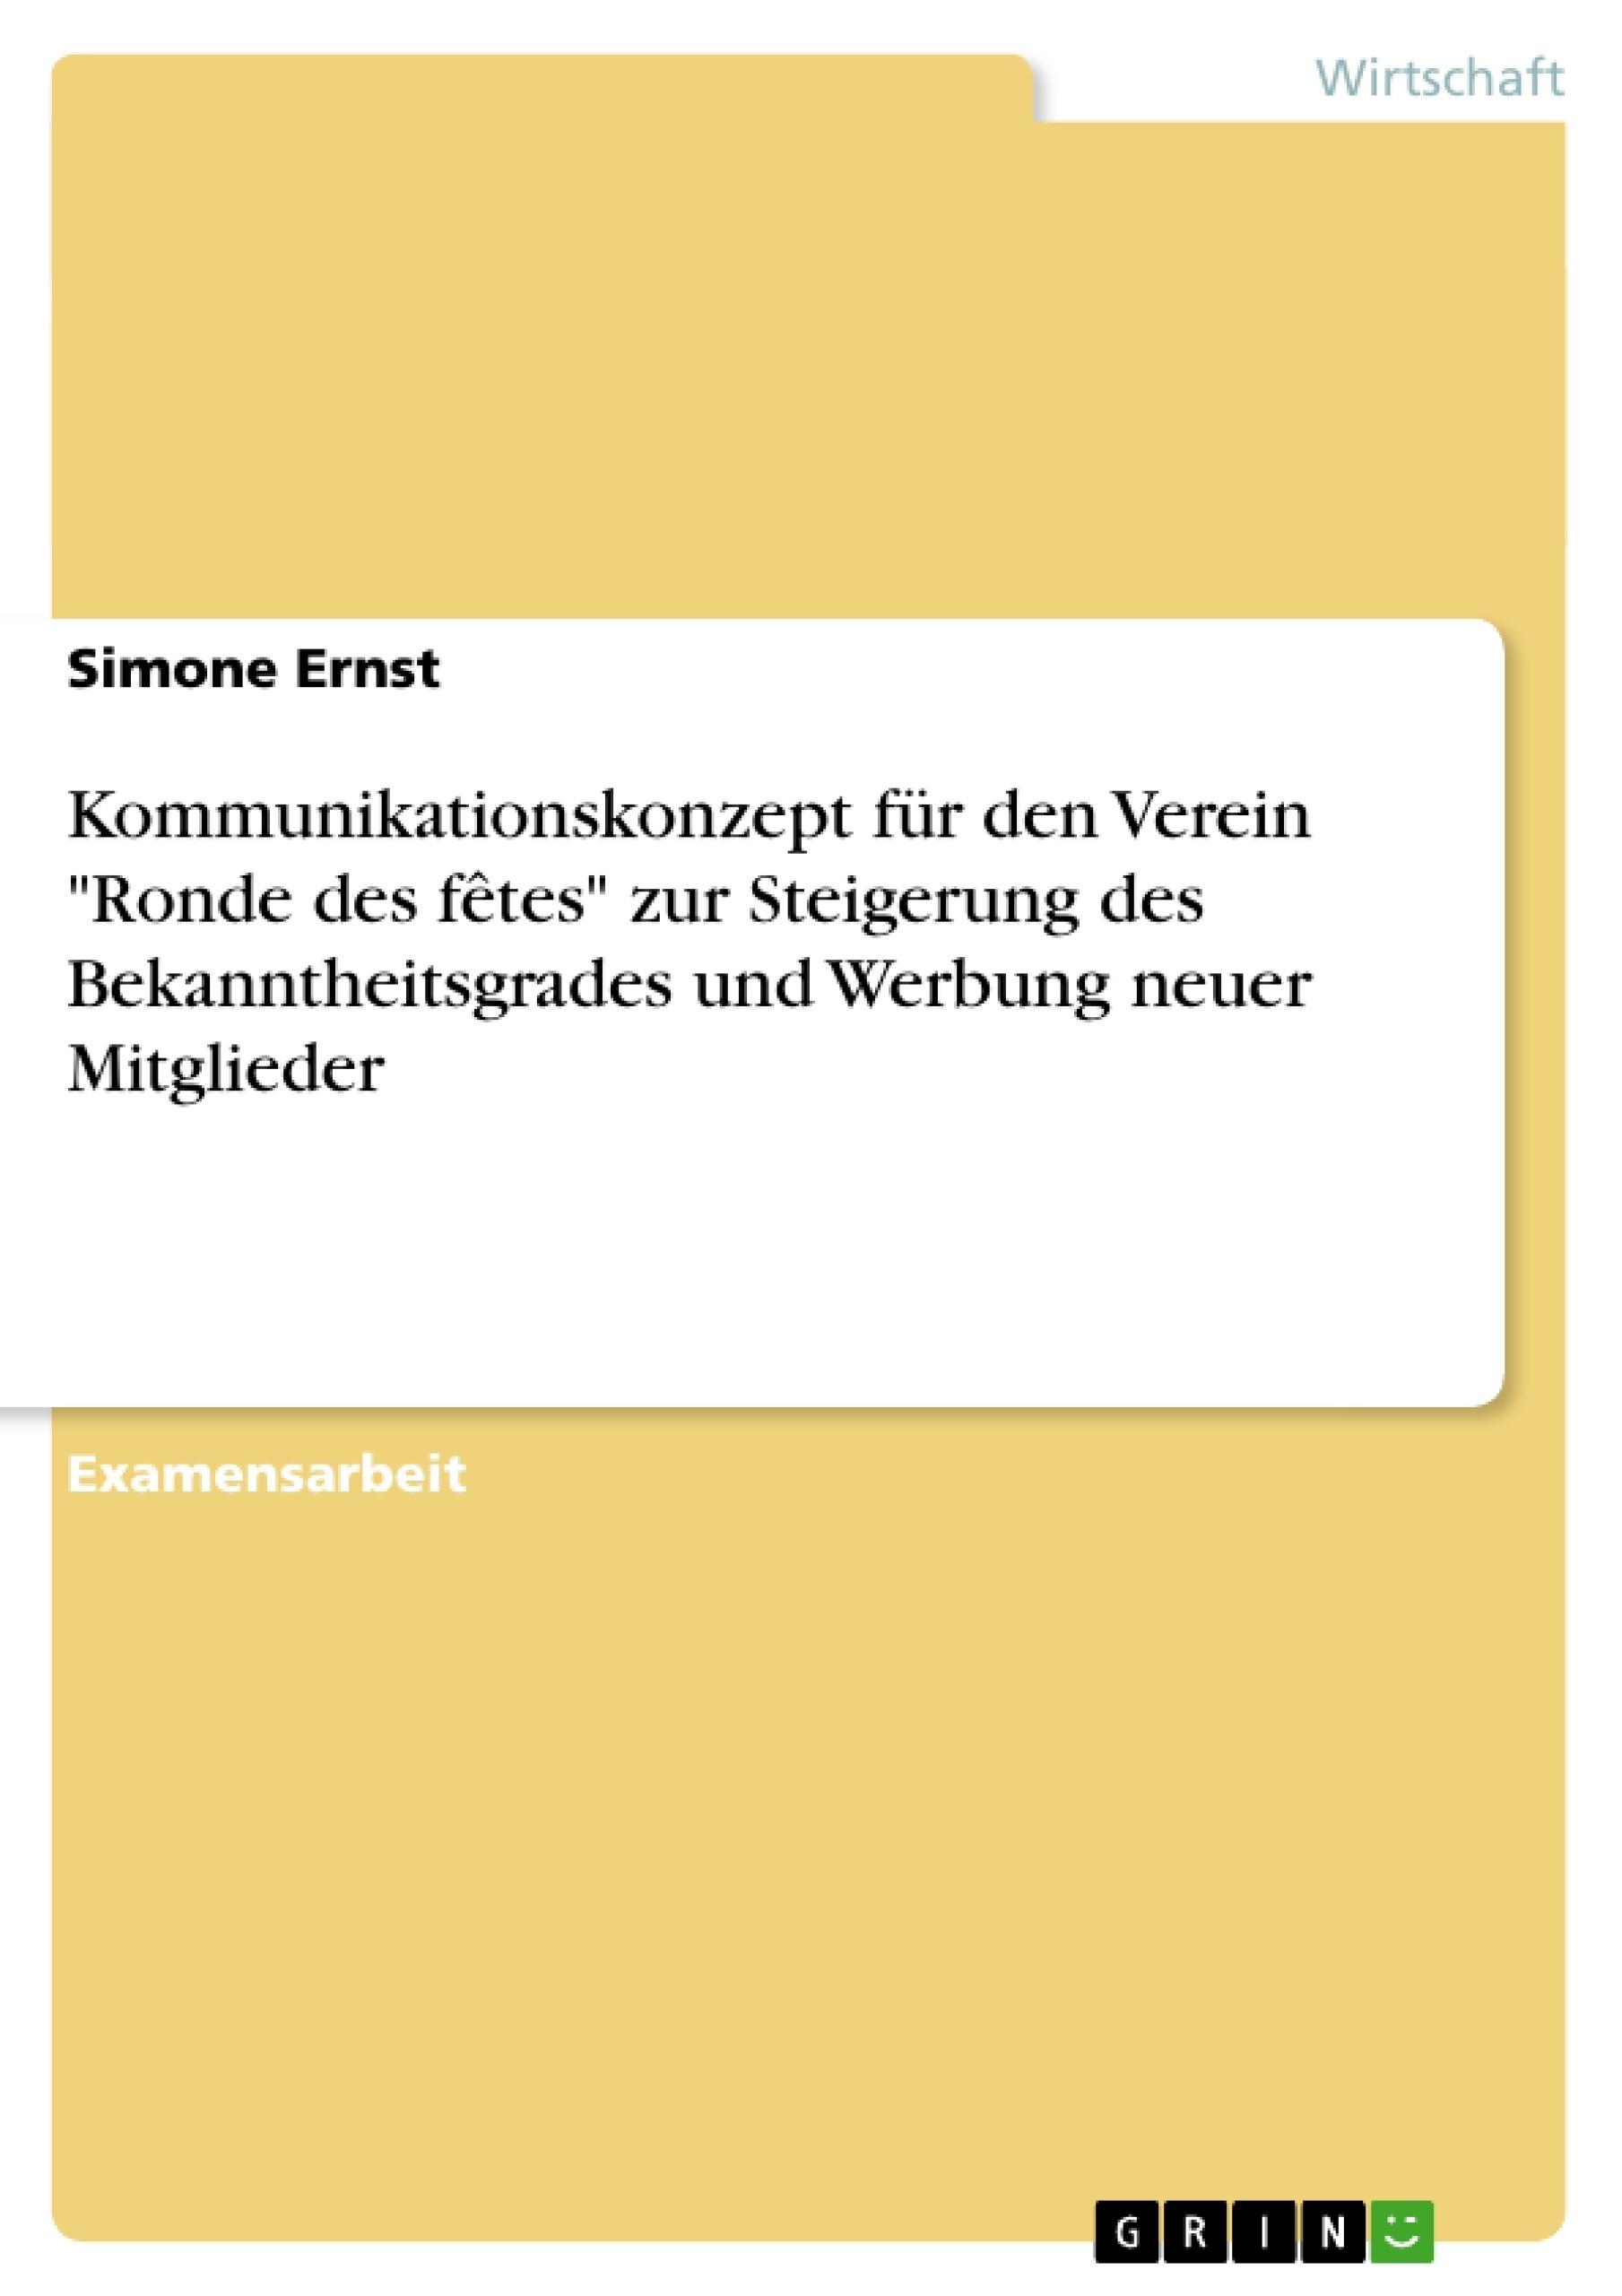 """Titel: Kommunikationskonzept für den Verein """"Ronde des fêtes"""" zur Steigerung des Bekanntheitsgrades und Werbung neuer Mitglieder"""